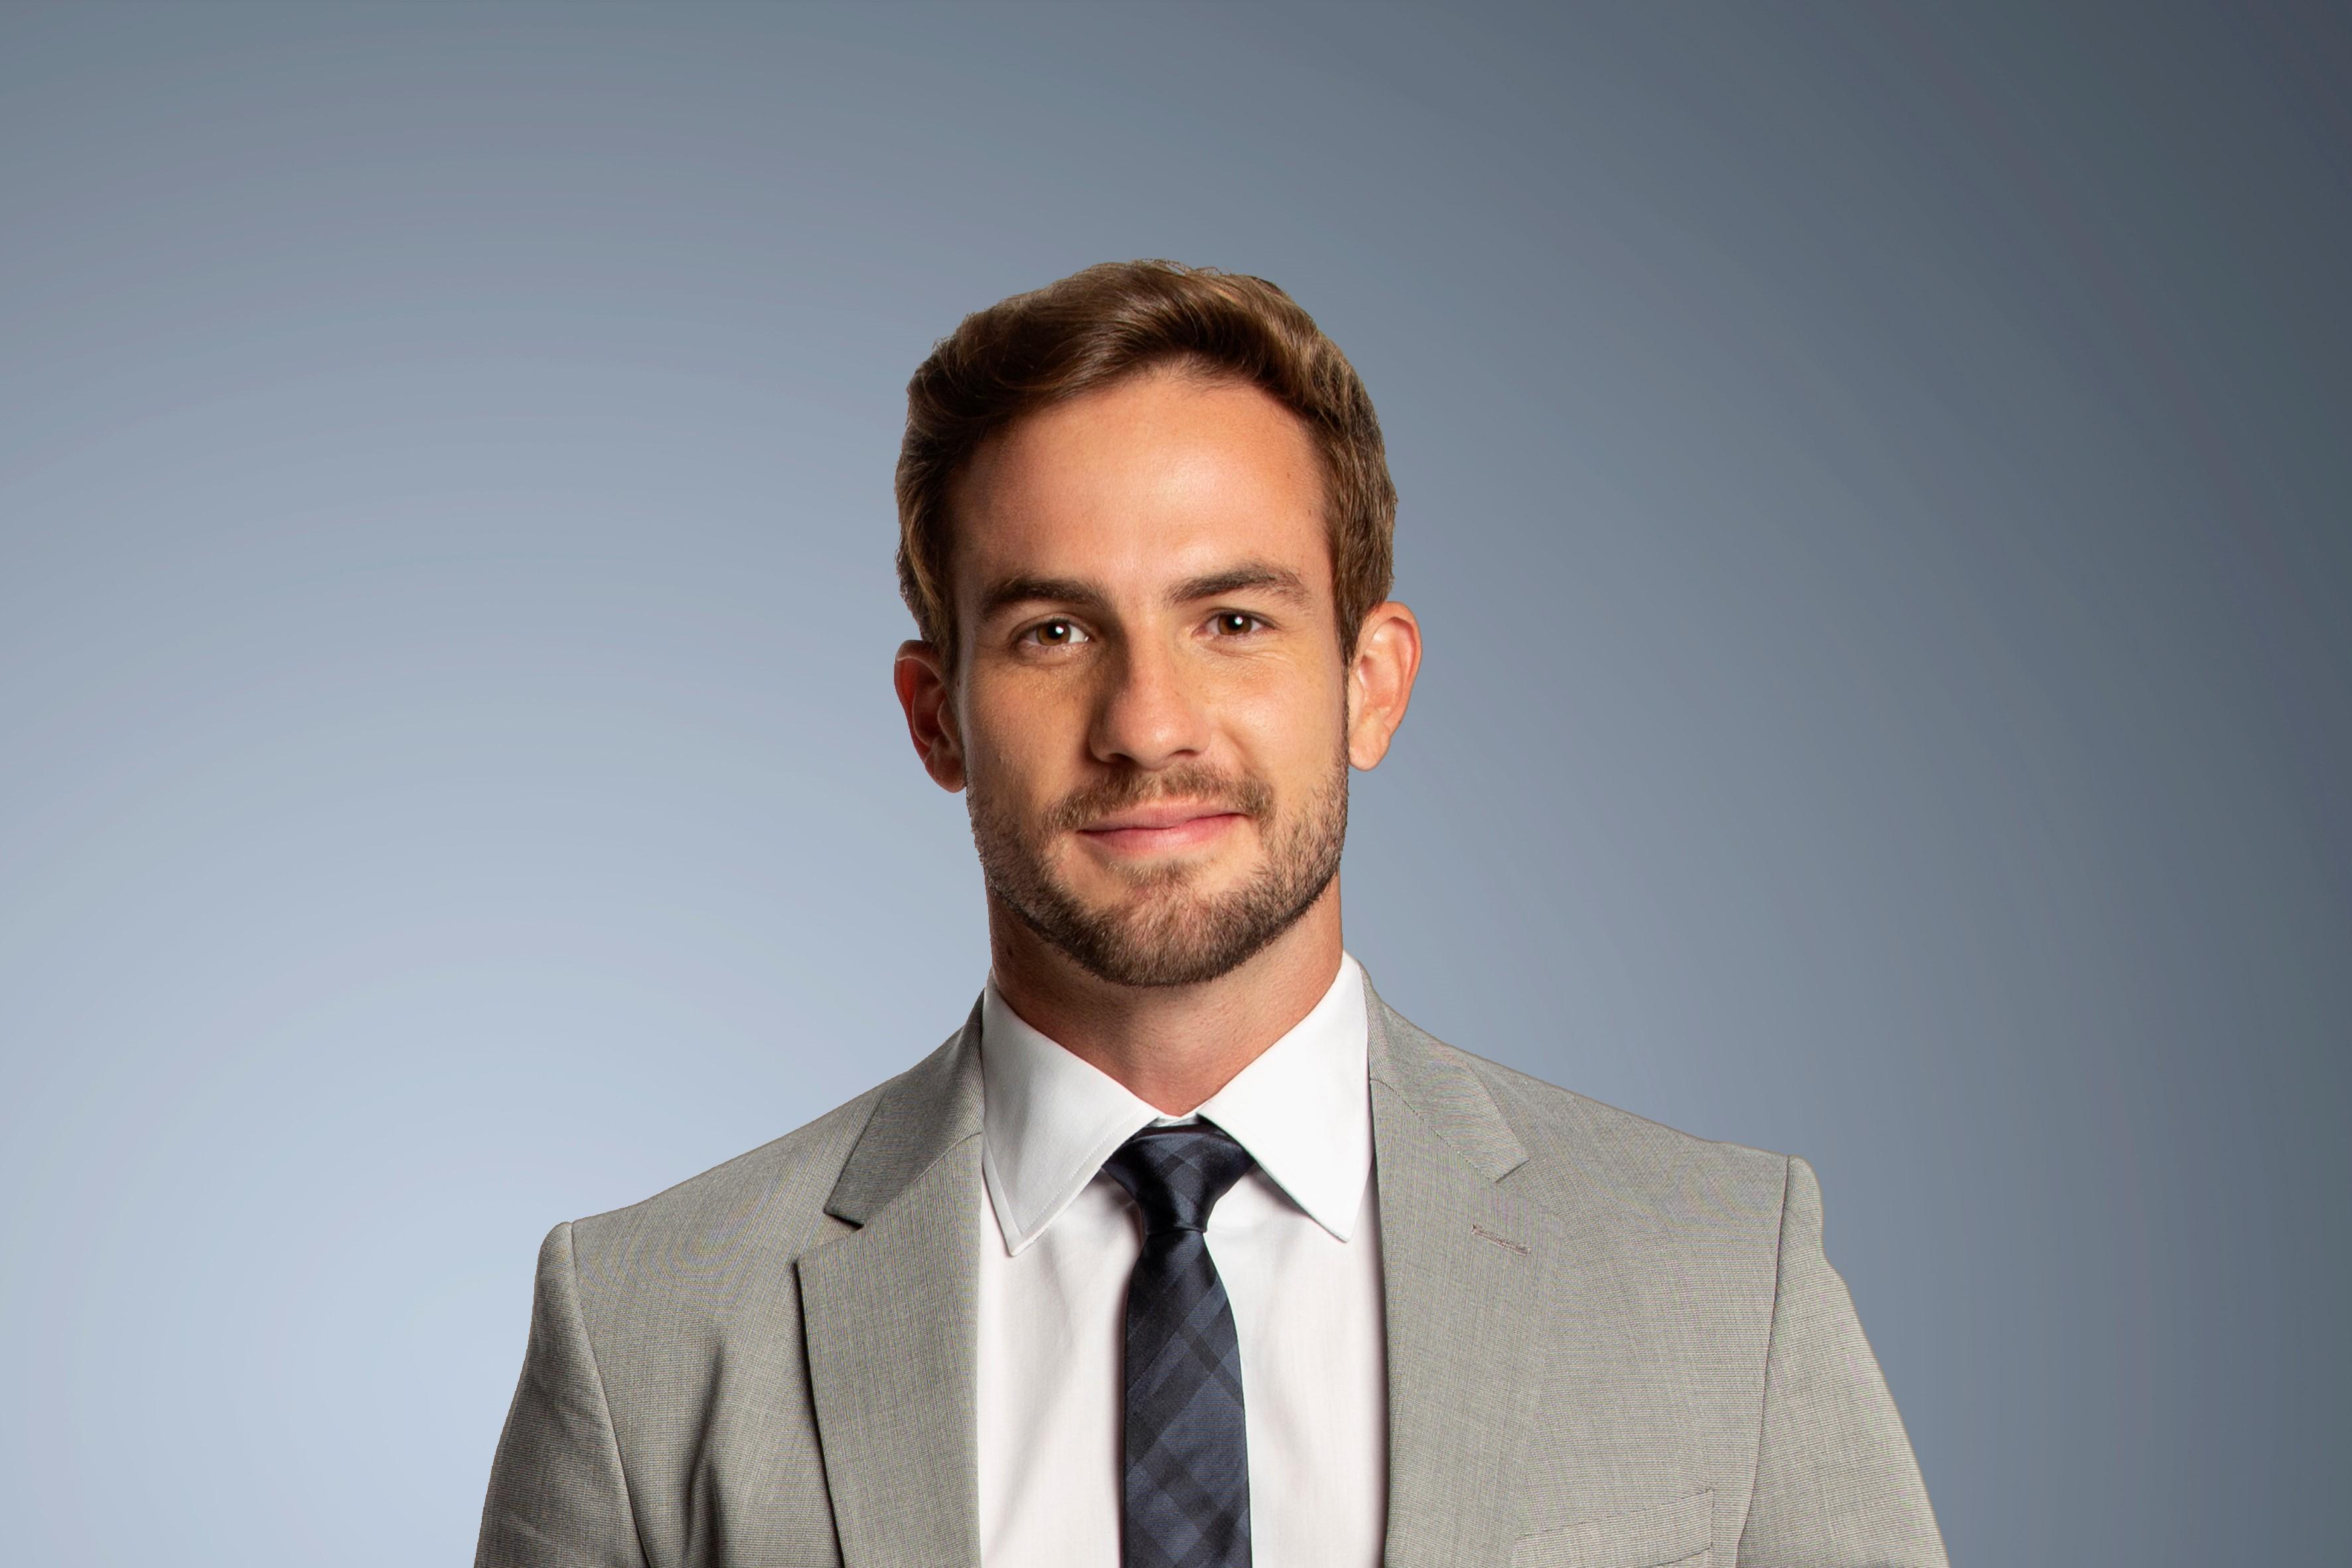 Daniel Adjuto apresentador e colunista CNN Brasil